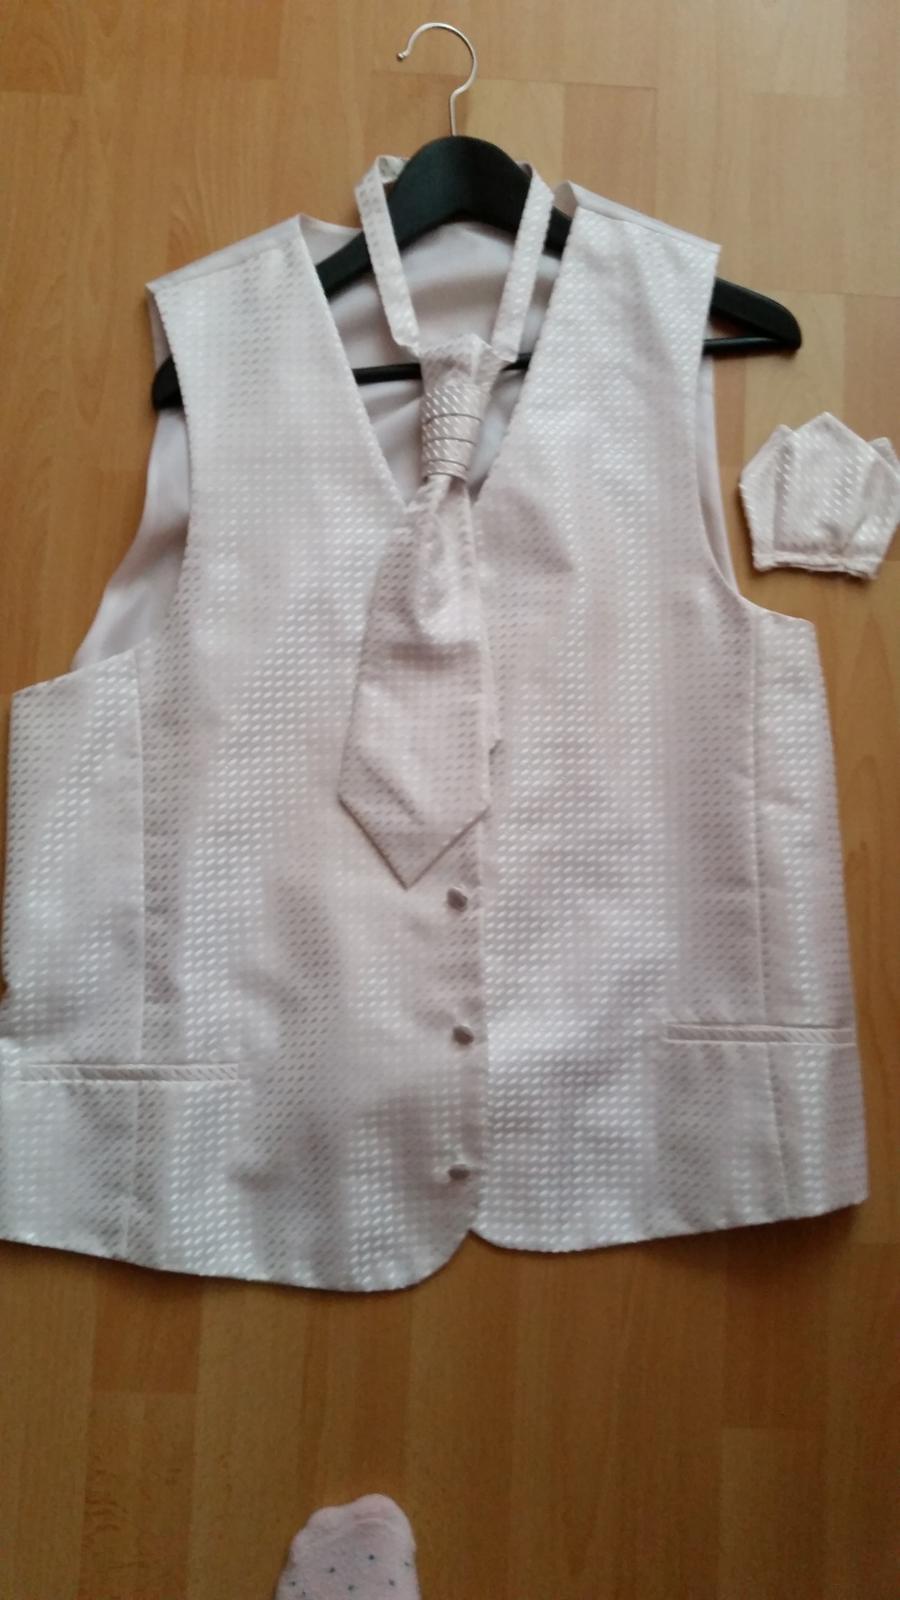 e82f1262d Svadobna vesta +kravata+vreckovka pre zenicha, 58 - 25 € | Svadobný ...